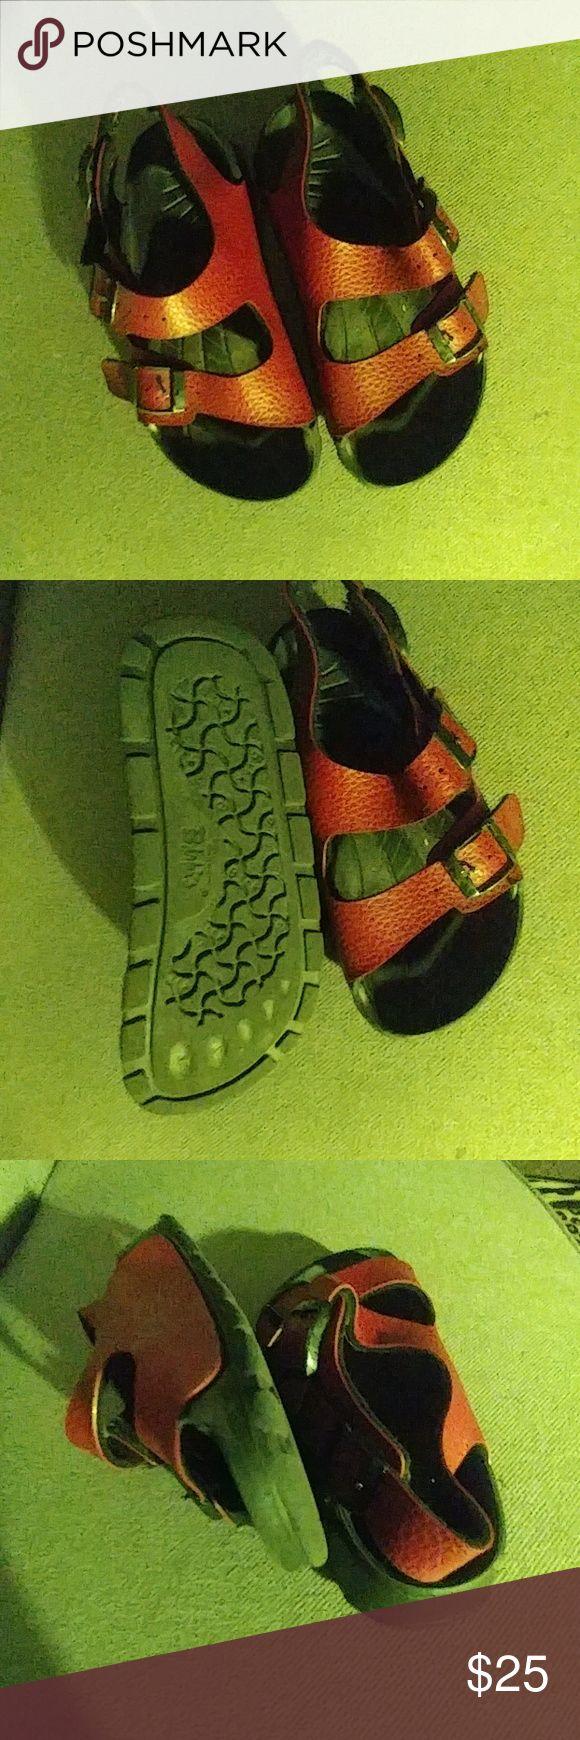 Birki  Sandals Kids Red Birki unisex good condition Birkenstock Shoes Sandals & Flip Flops